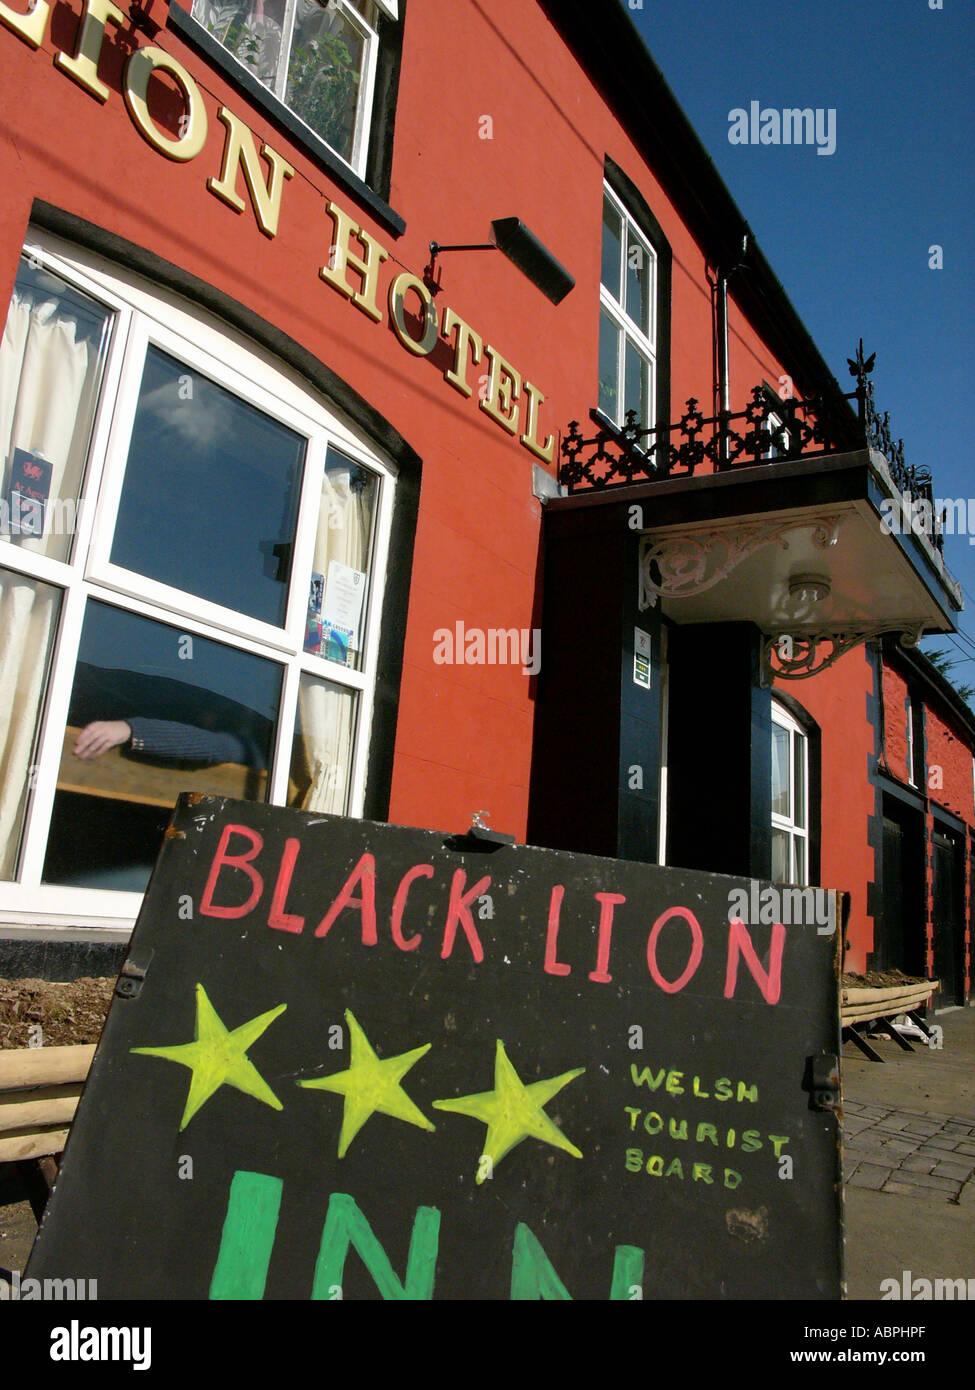 Exterior of The Black Lion Inn  pub, Pontrhydfendigaid, Ceredigion West Wales UK - Stock Image